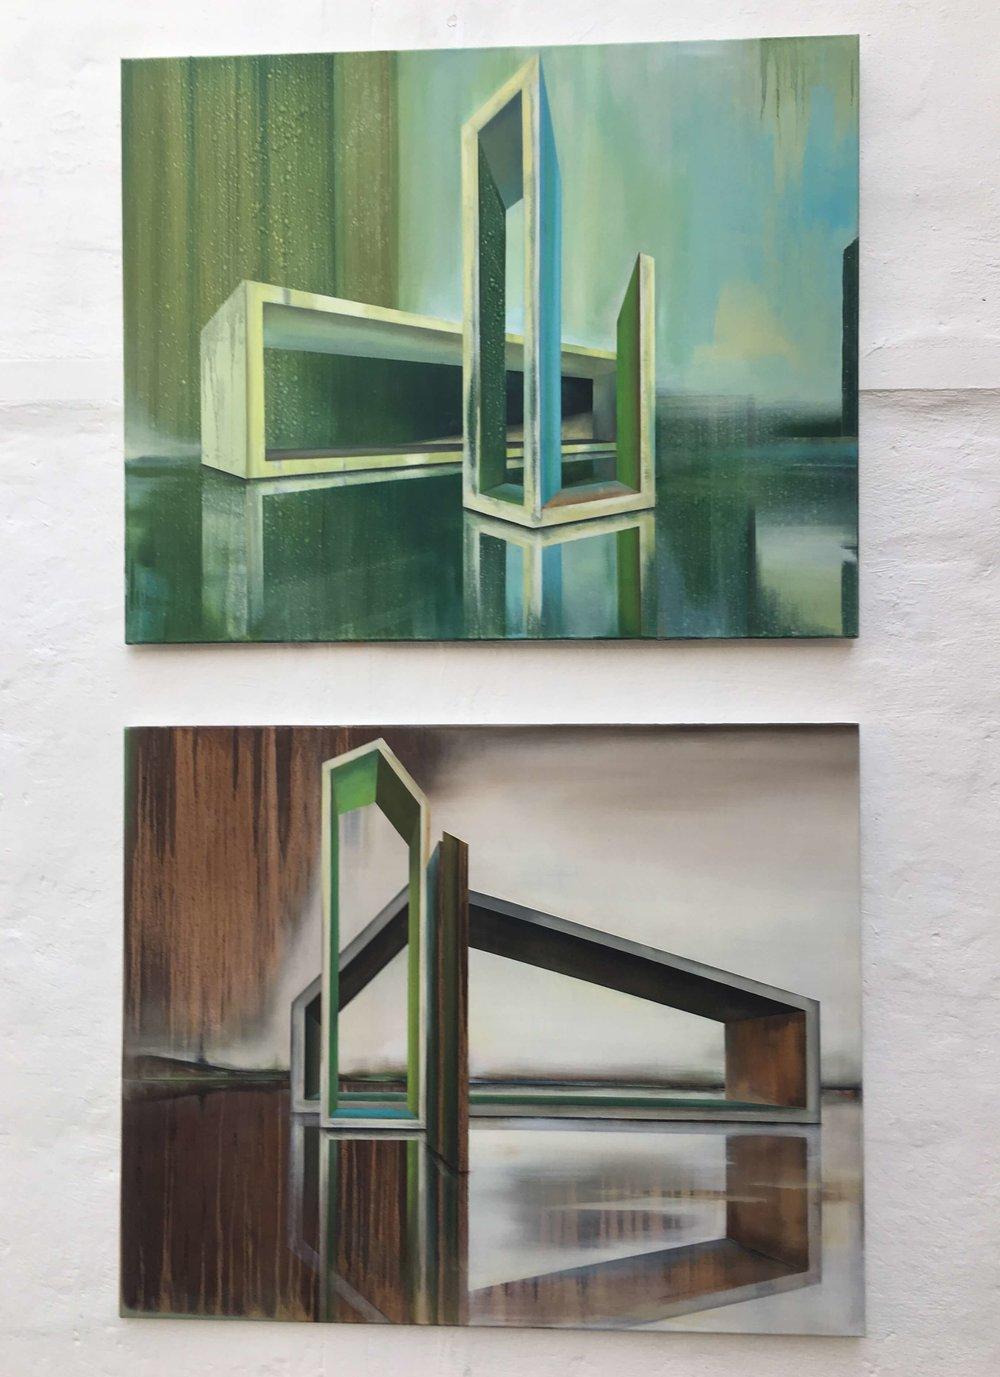 Emanuel Schulze, Revue und Noosphere (Öl auf Leinwand), Ausschnitt, Foto: U. Latzke